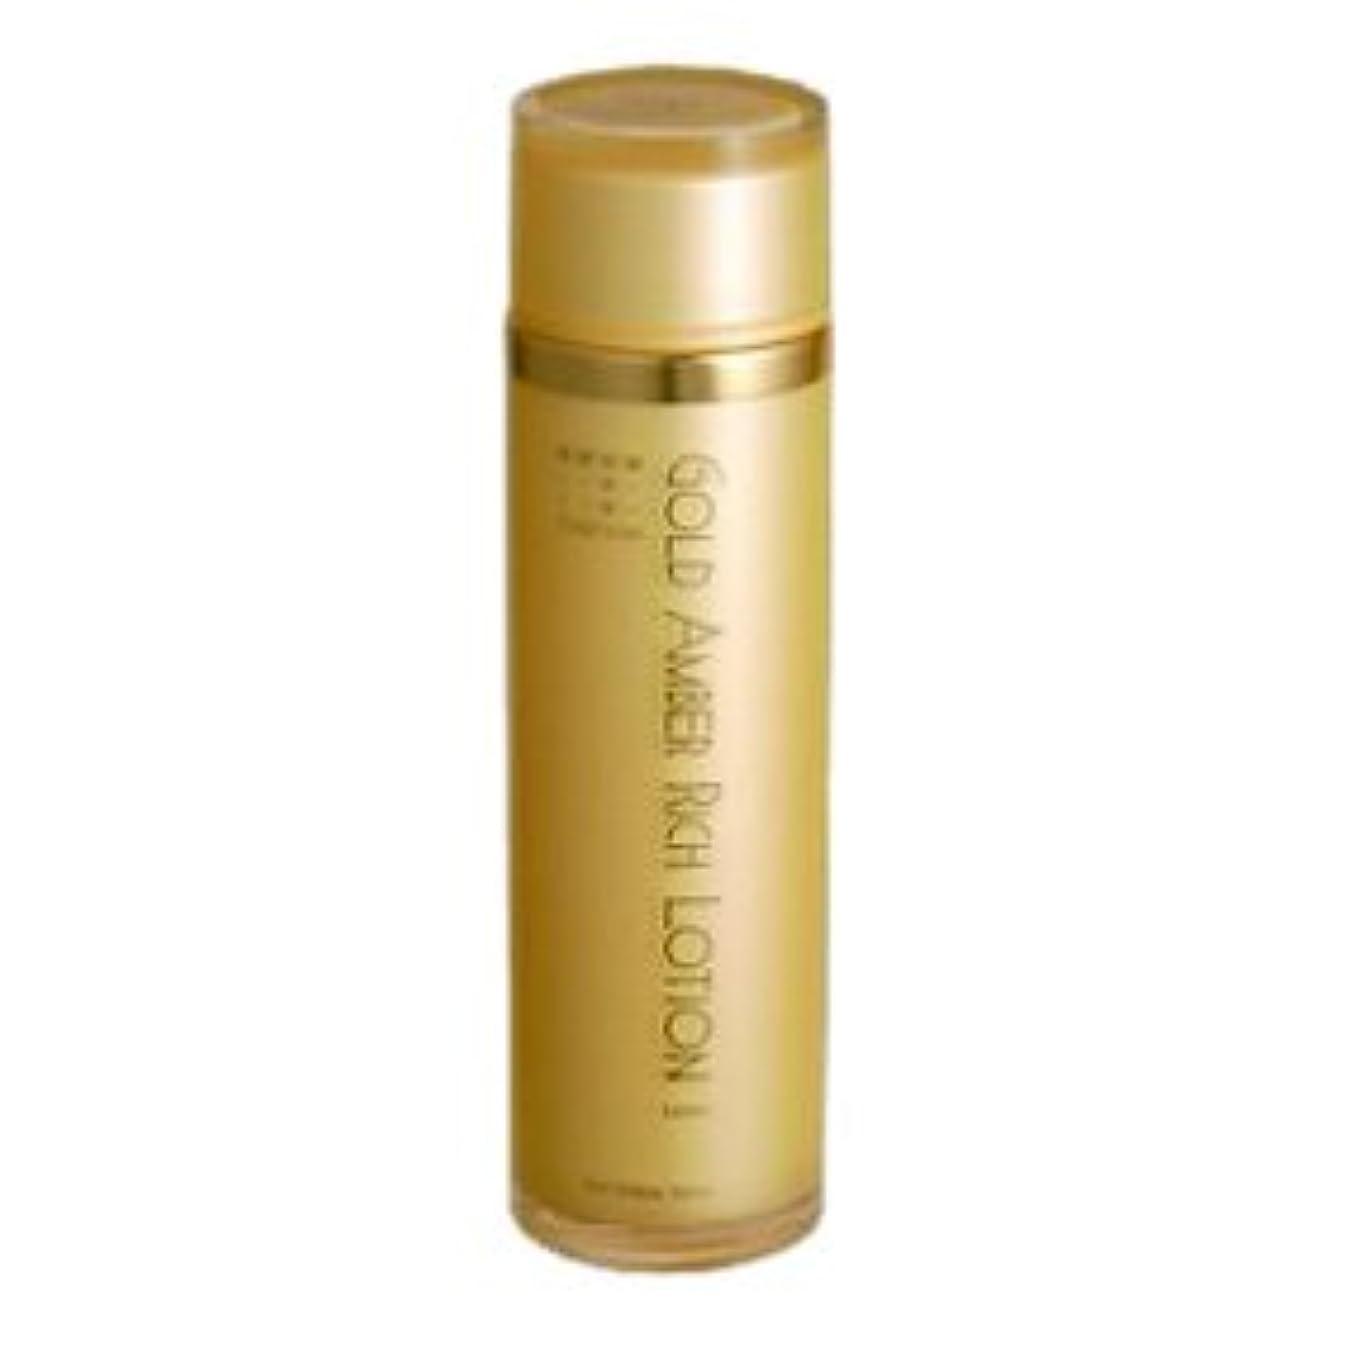 修理可能入口受信機コスメプラウド ゴールドアンバーリッチローション120ml(化粧水)